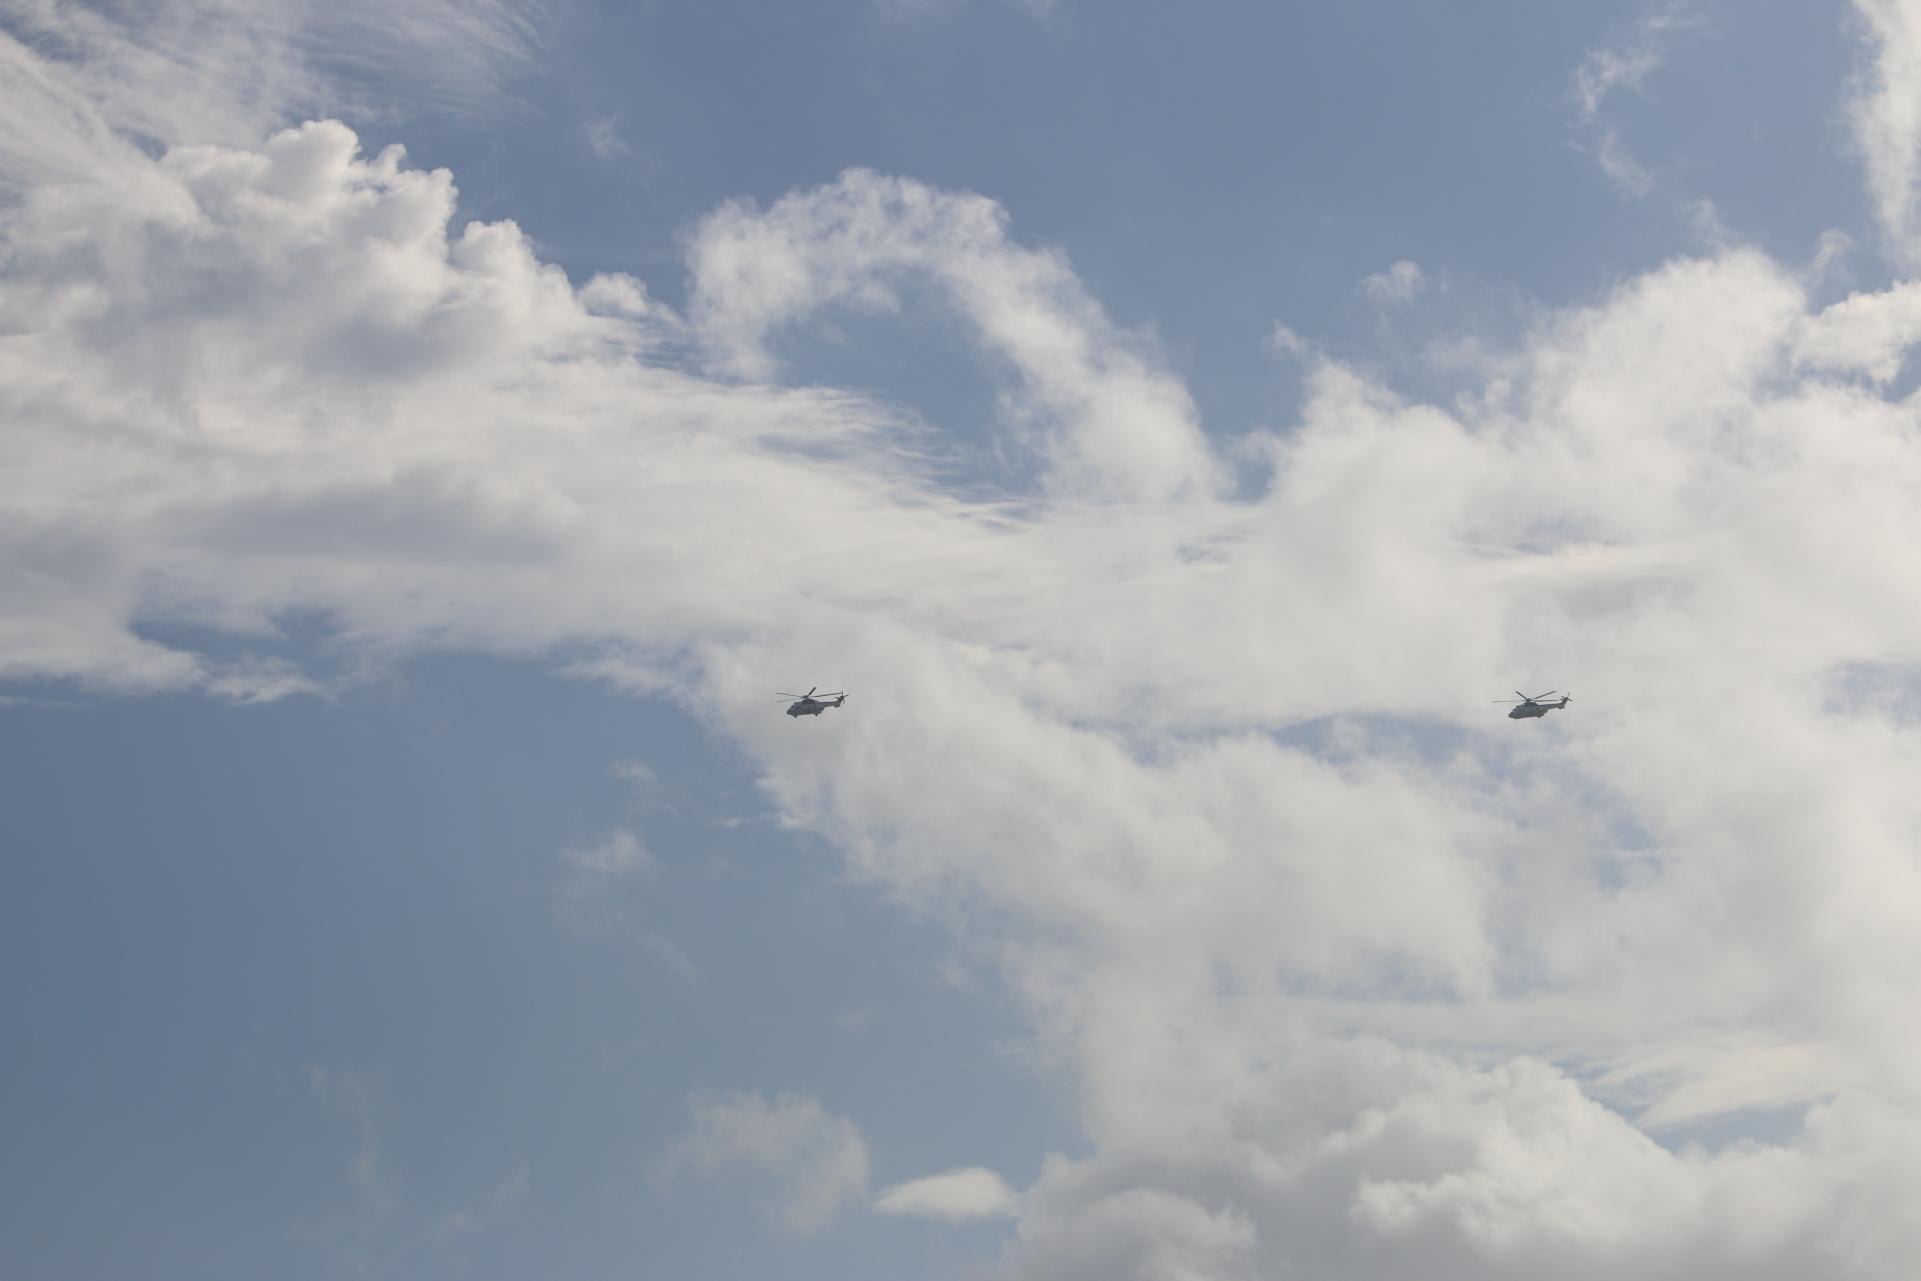 ヘリコプター2機